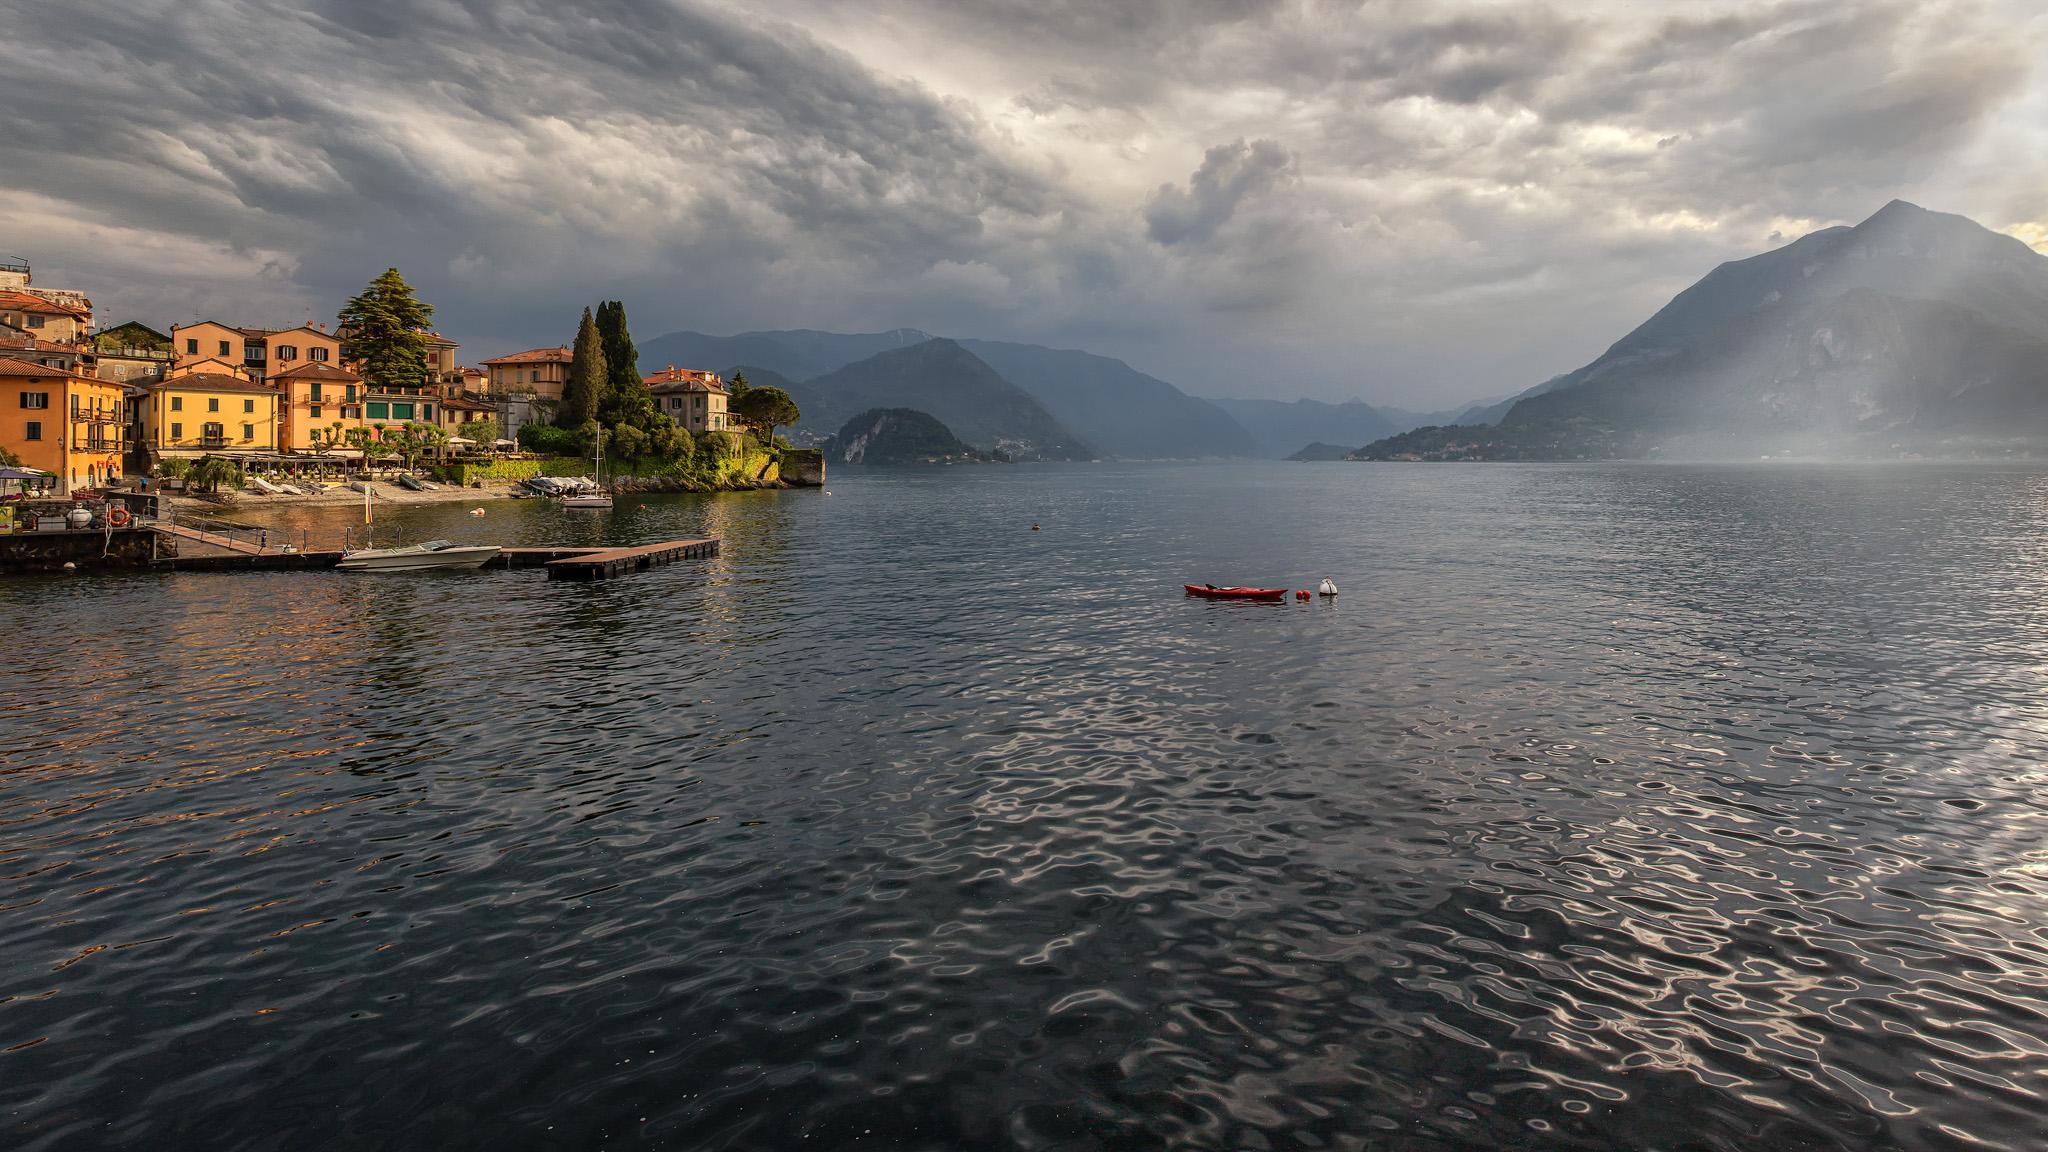 озеро комо фото высокого разрешения дала